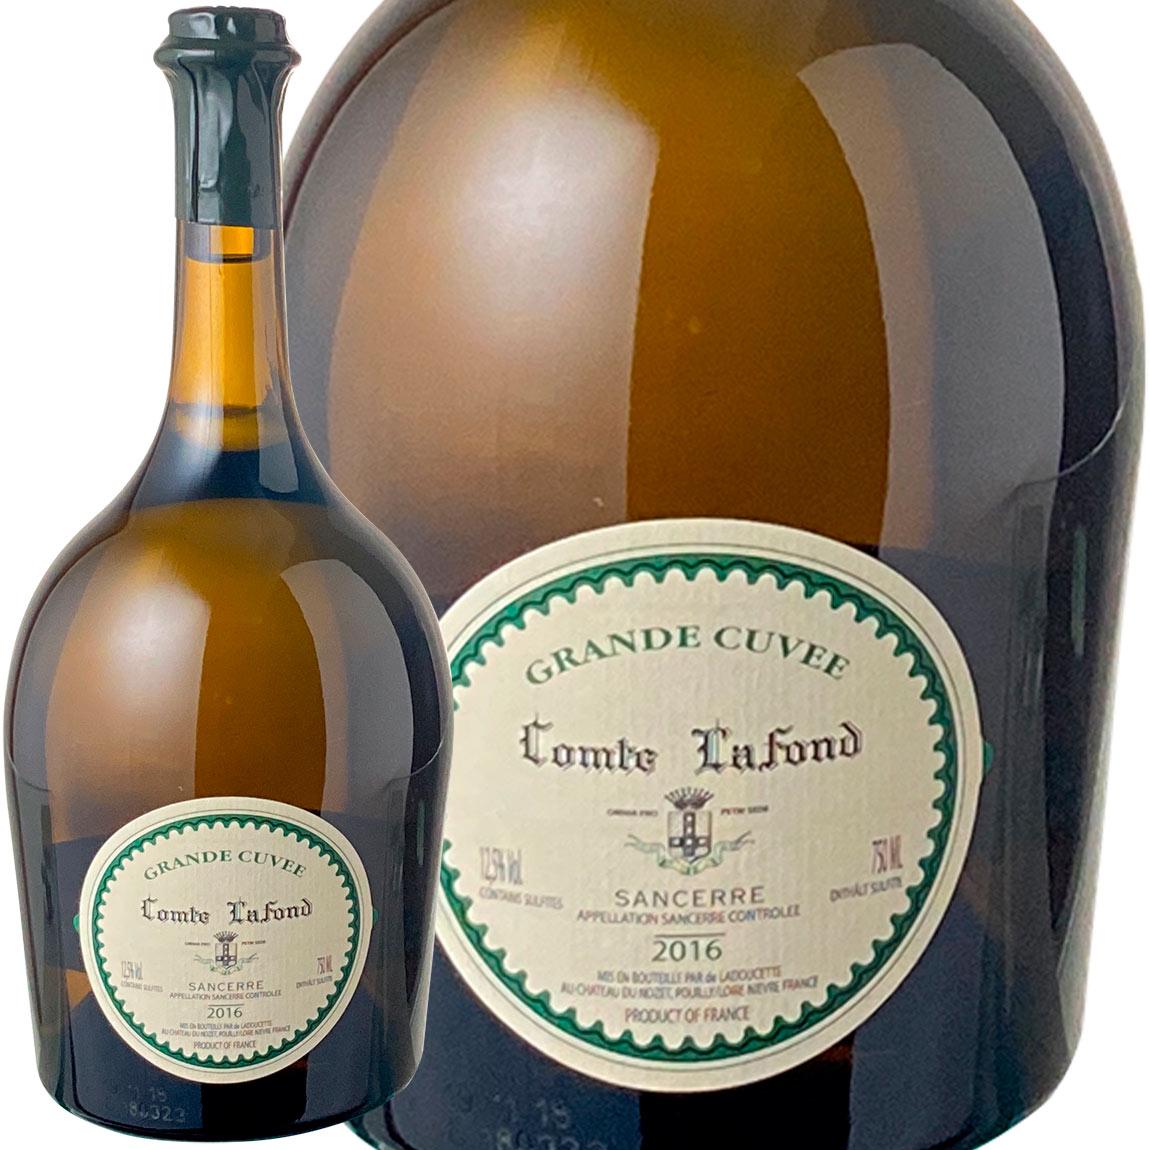 サンセール 買物 グラン キュヴェ ブラン コント ラフォン畑 ロワール 2017 流行 ワイン ラドゥセット 白